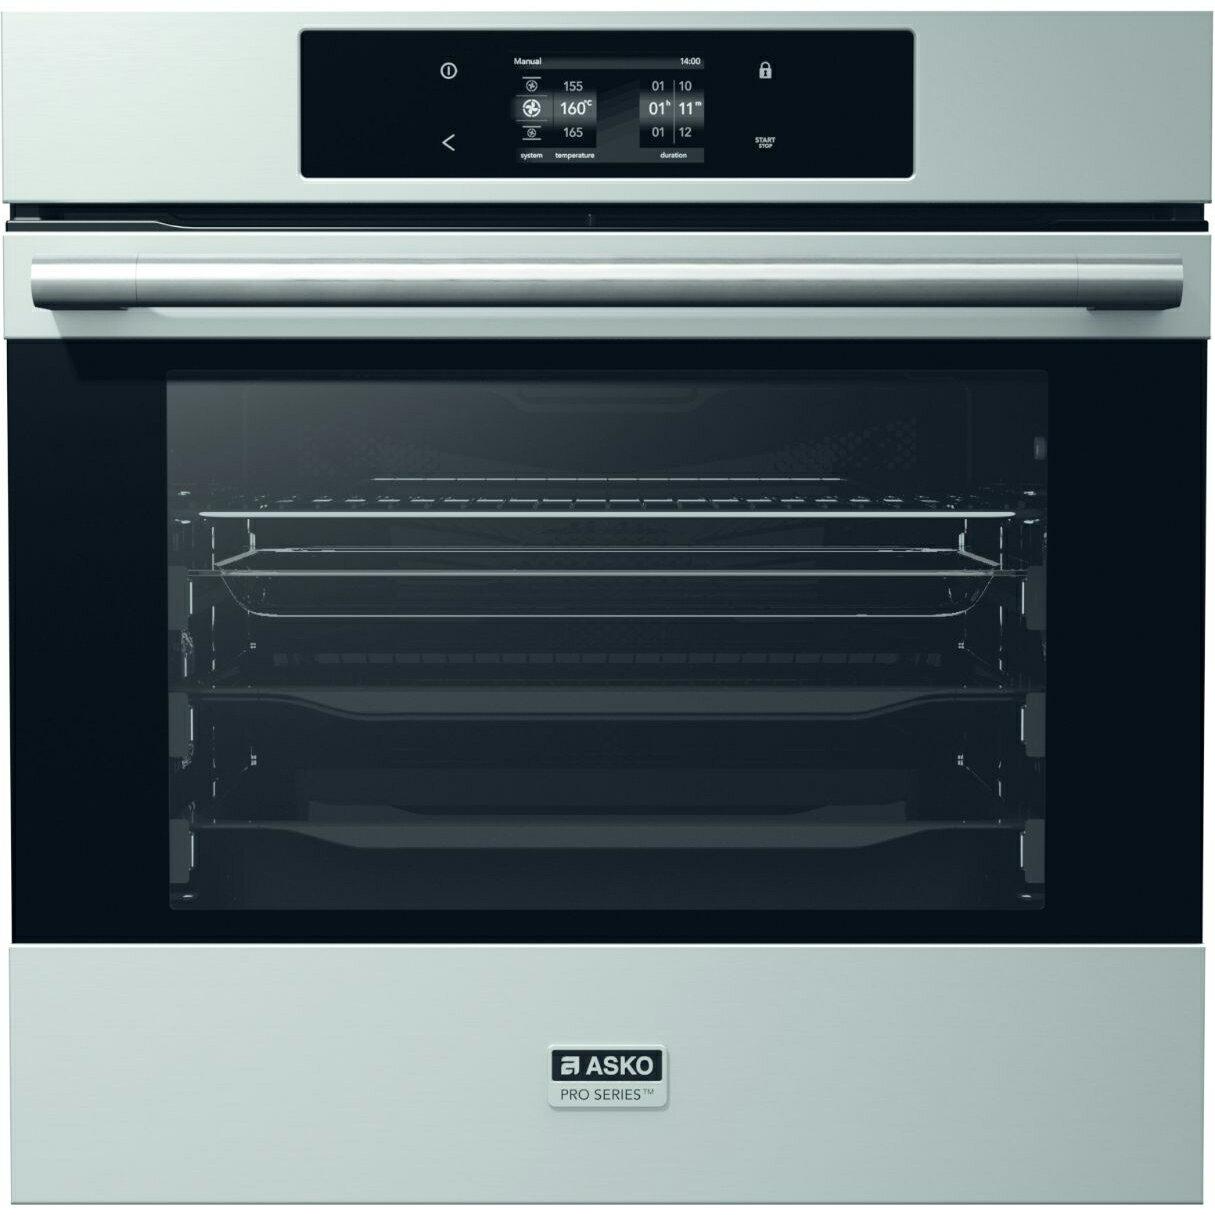 [滿3千,10%點數回饋]ASKO 瑞典賽寧 Pro系列73公升嵌入式熱自解烤箱 OP8676S 【送標準安裝】【雅光電器】